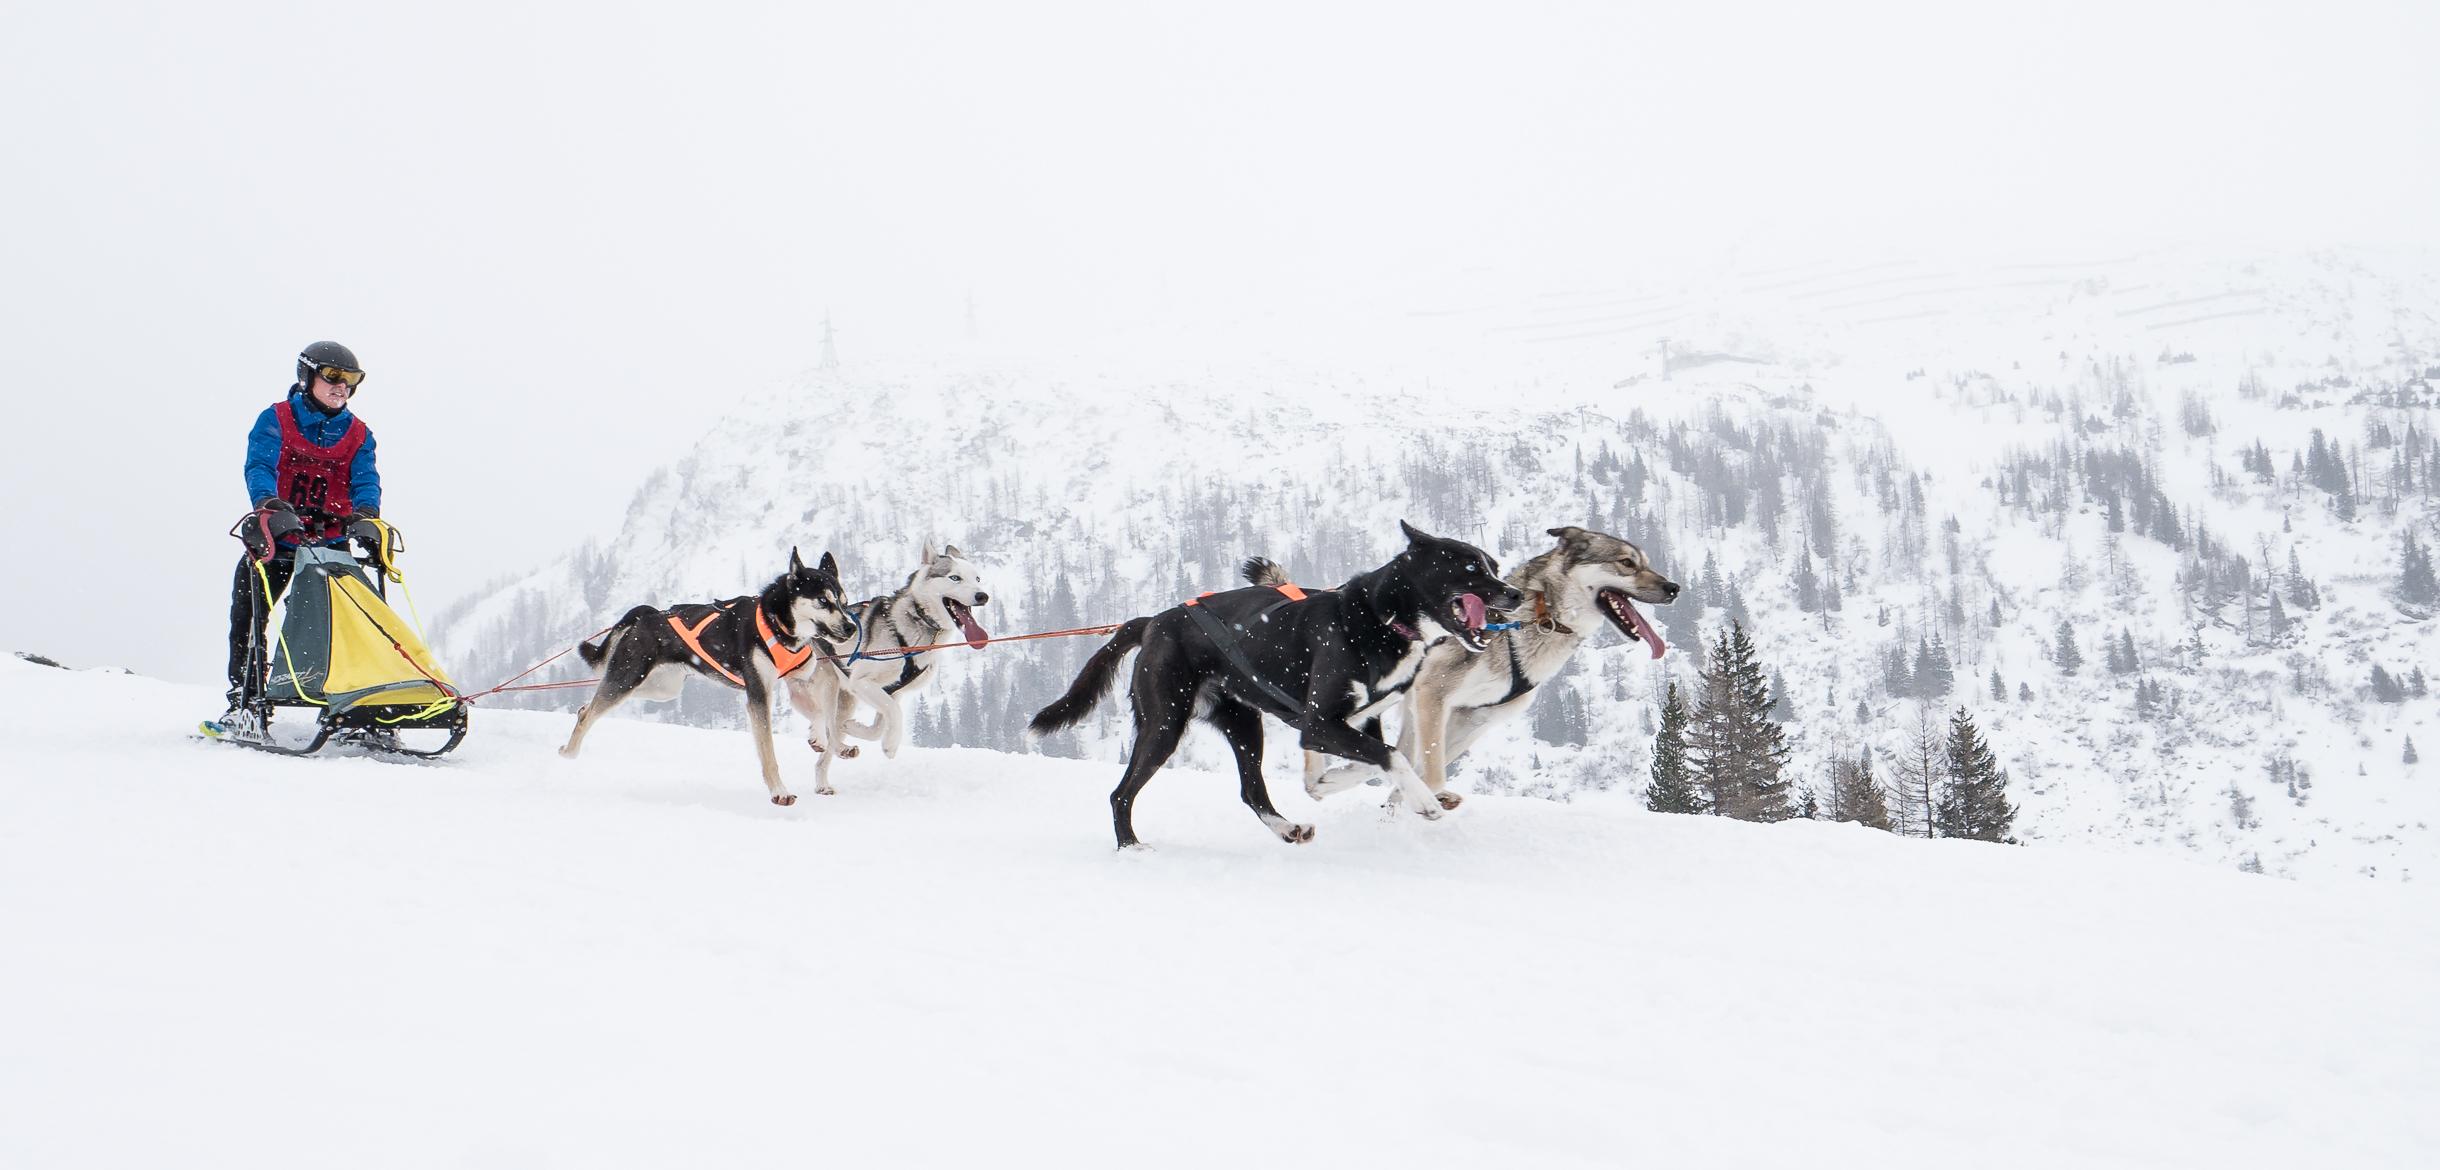 Que Faire En Vacances À La Montagne Quand On N'aime Pas Le Ski ? encequiconcerne Chien Qui Fait De La Luge